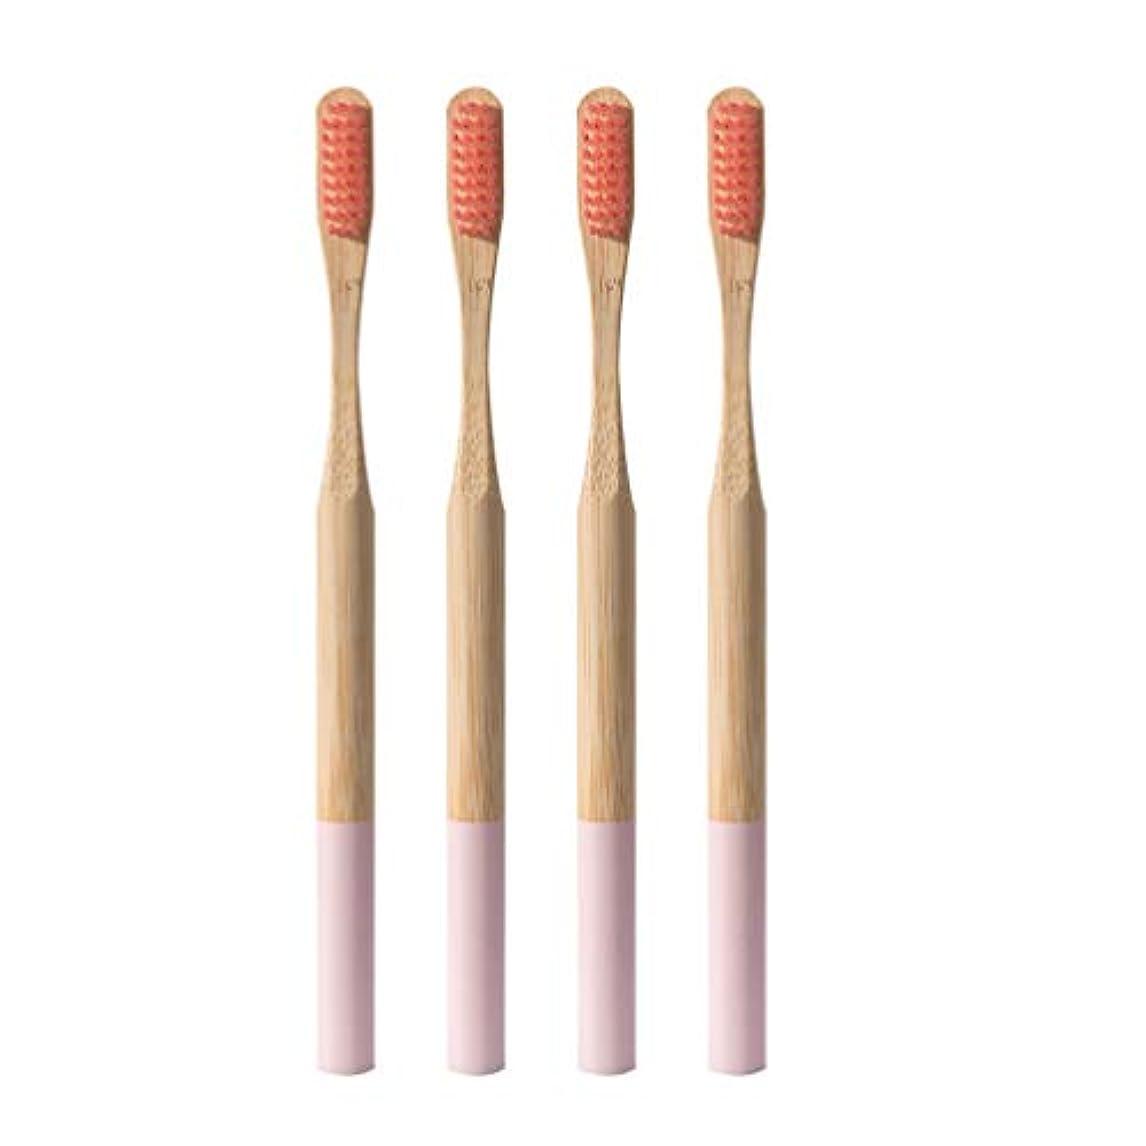 崇拝する温度計怠惰Heallily 竹の歯ブラシ4ピースソフトブリスル歯ブラシ生分解性、環境に優しいソフト歯ブラシ、抗菌歯ブラシ、細かい毛の大人用(ピンク)